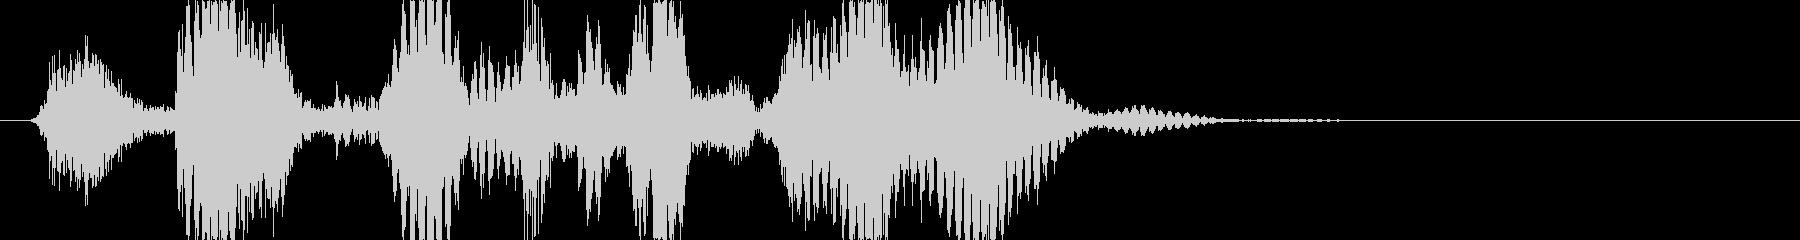 ロボット「ごめんなさい」1の未再生の波形